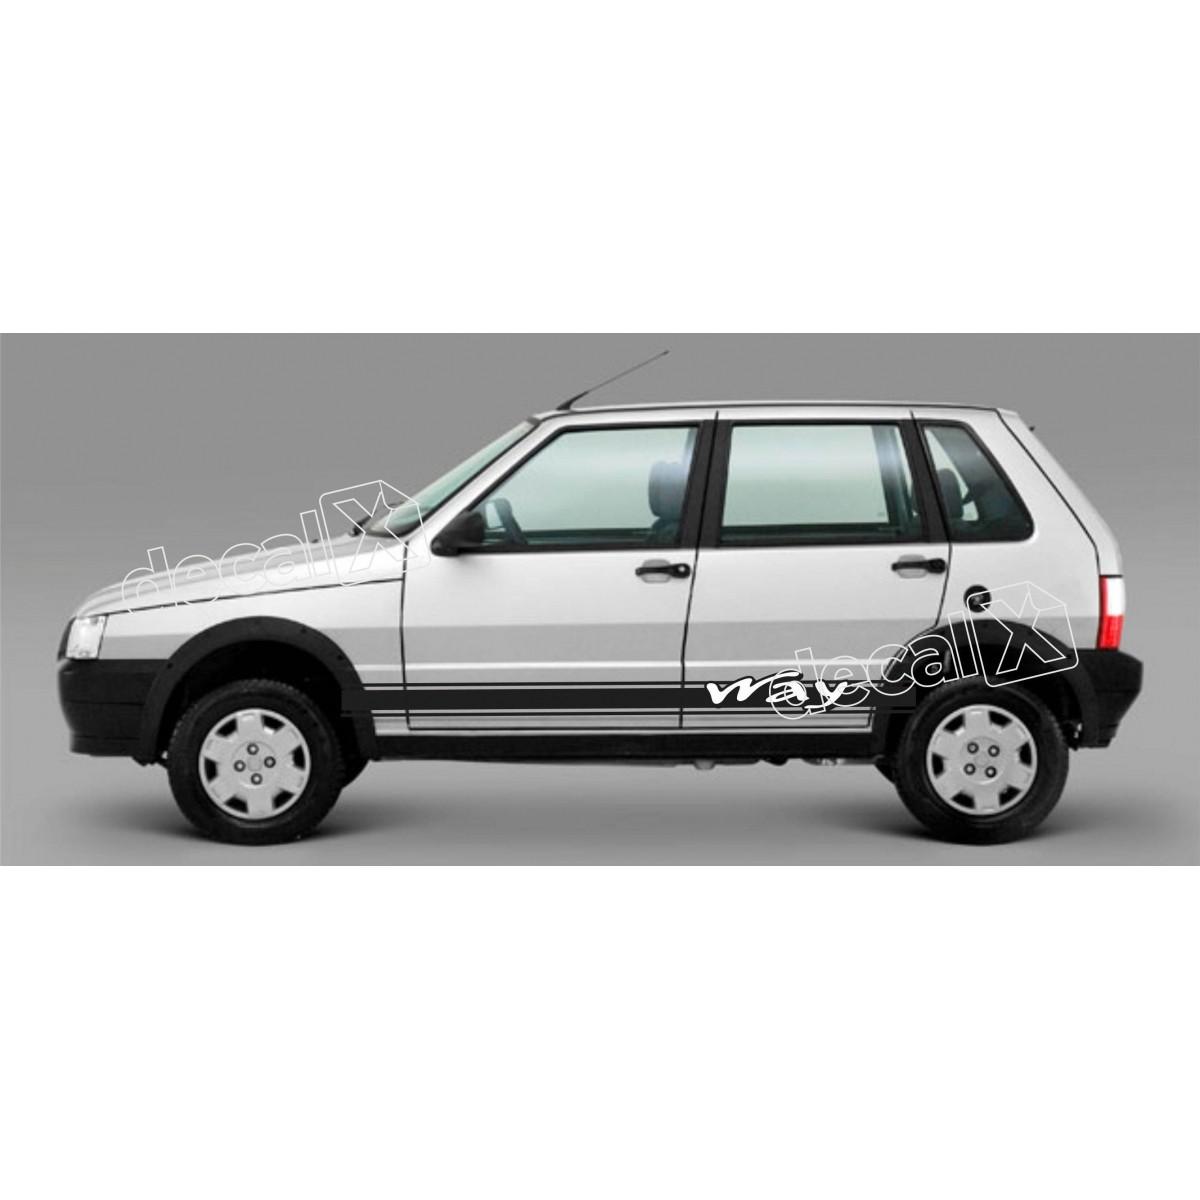 Adesivo Faixa Lateral Fiat Uno Unod6